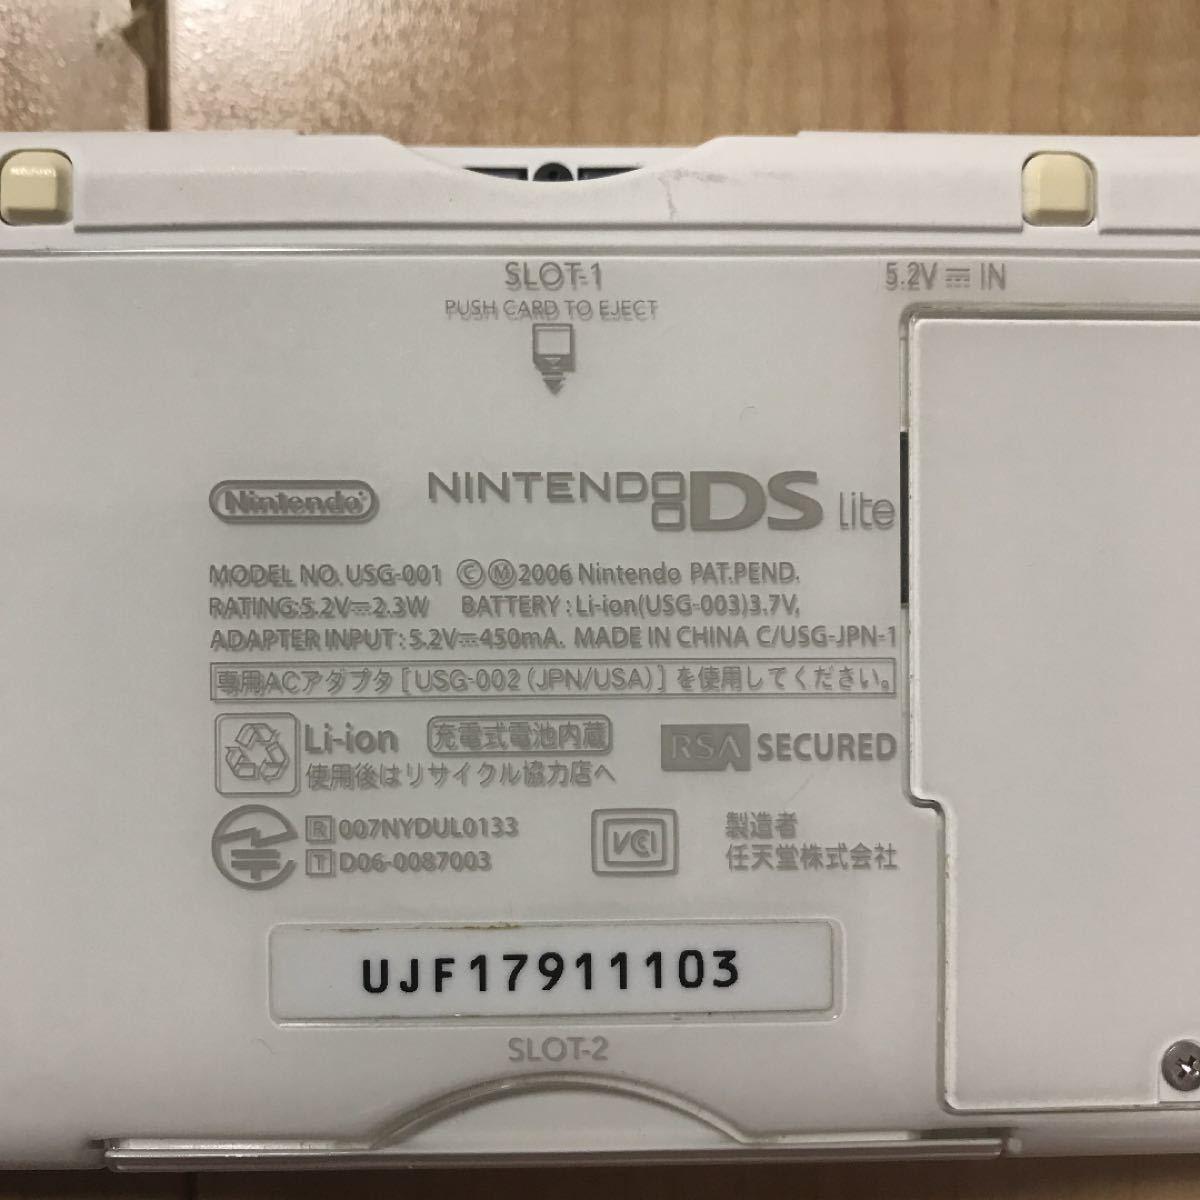 ニンテンドーDS Lite Newスーパーマリオブラザーズカセットセット